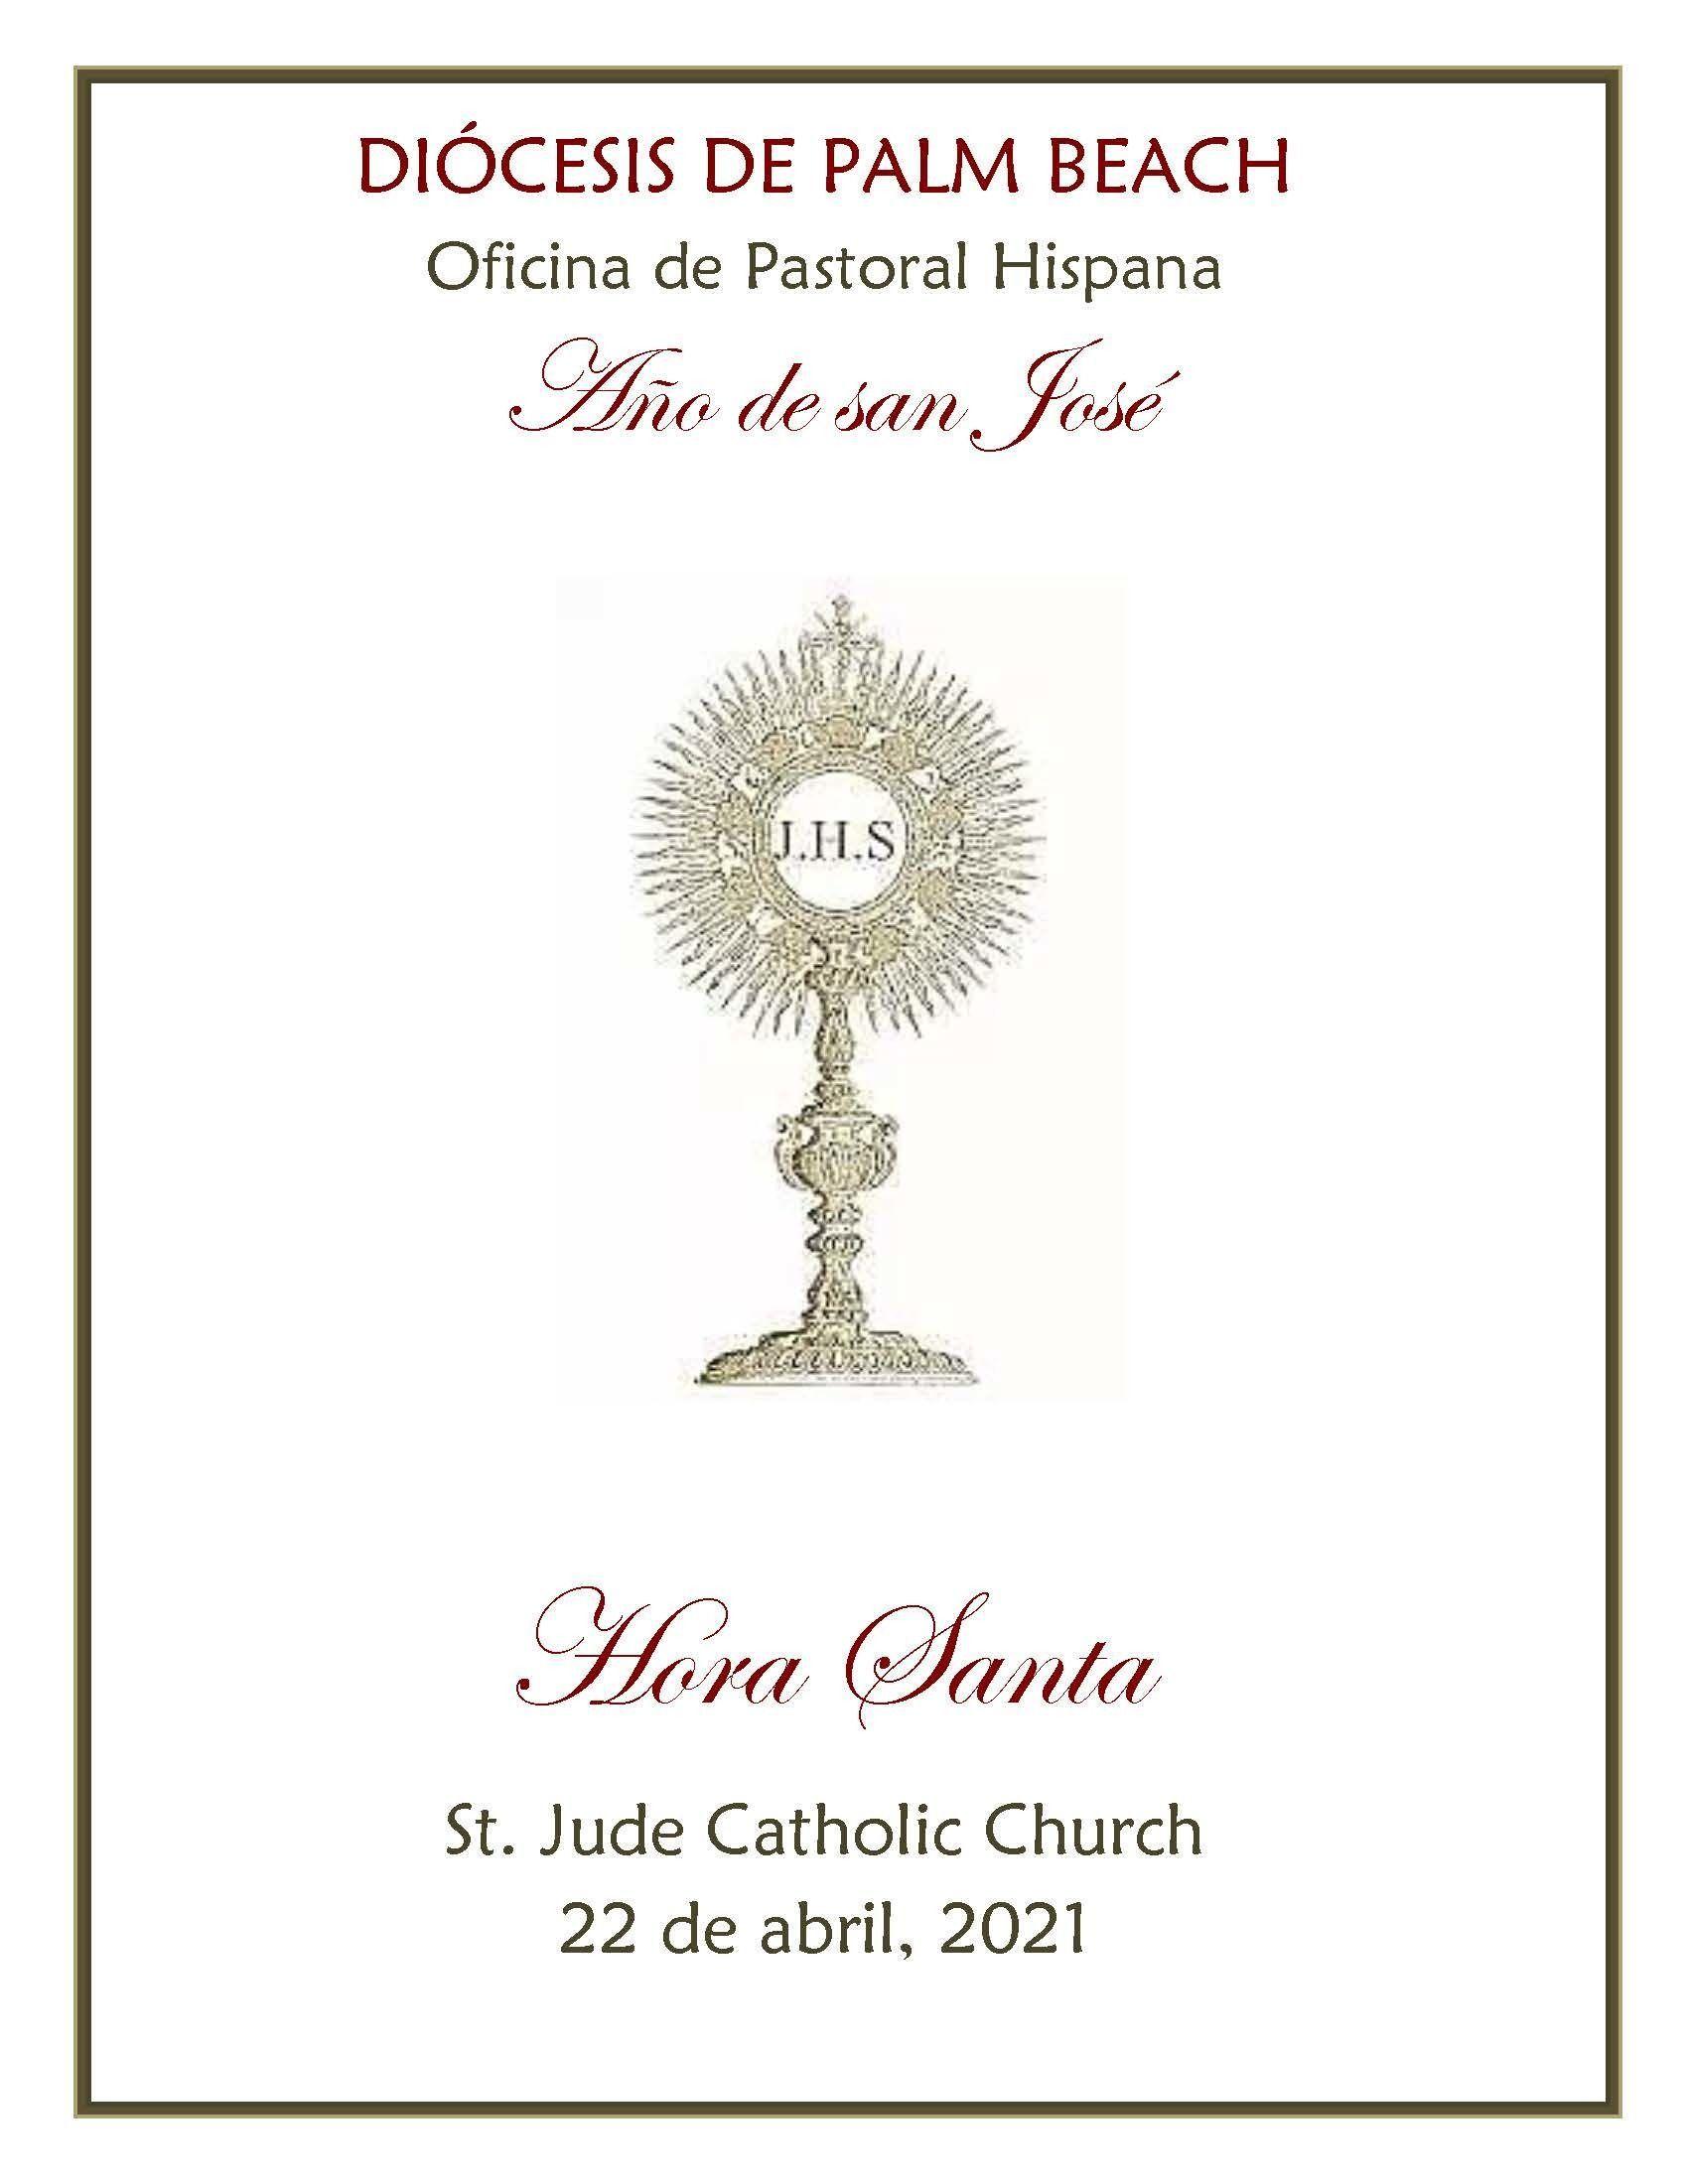 Hora Santa - St. Jude